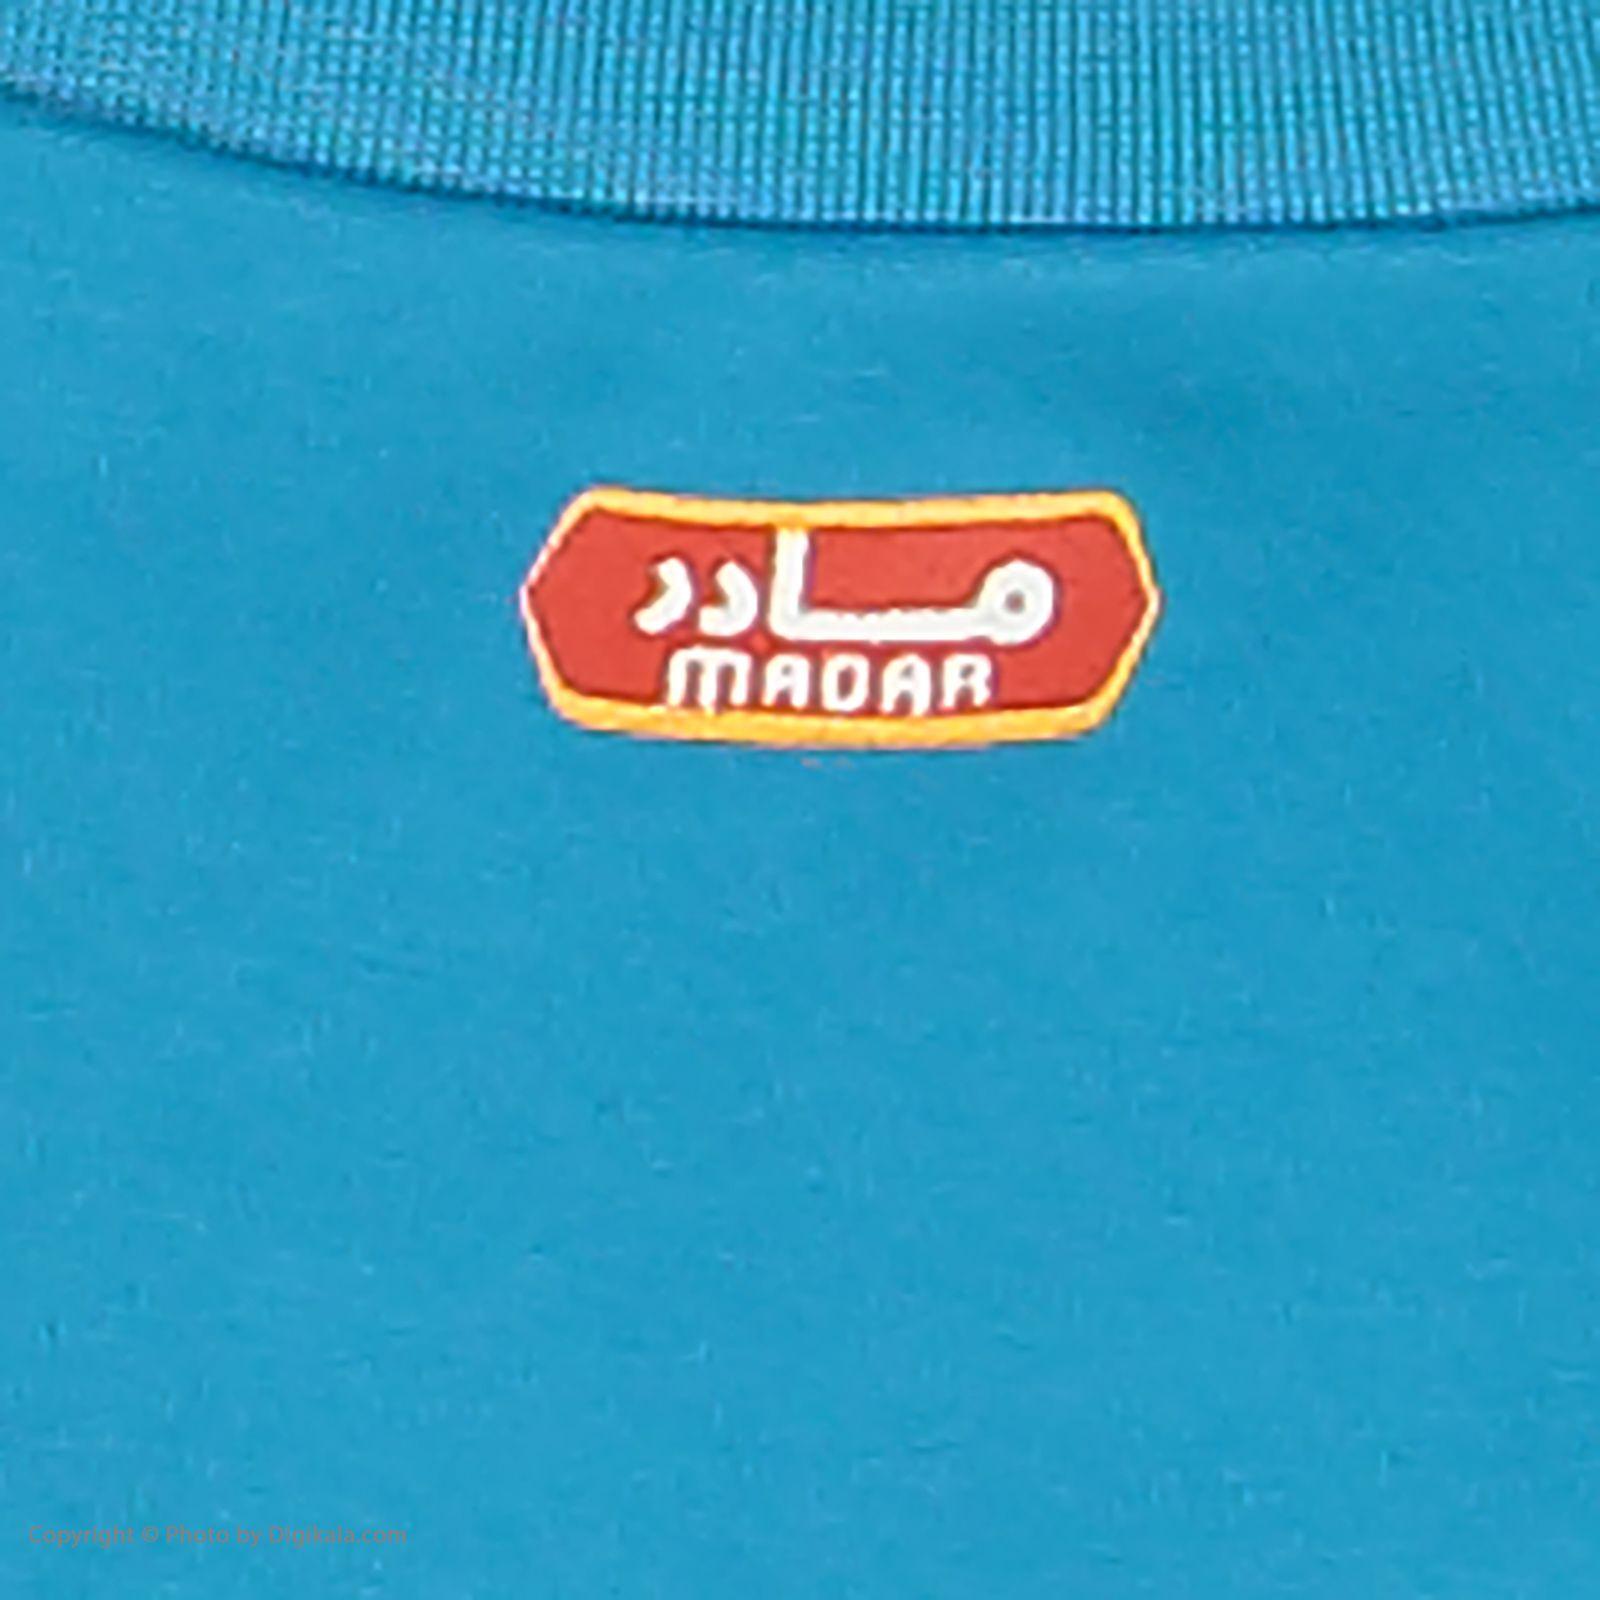 ست تی شرت و شلوار پسرانه مادر مدل 308-53 main 1 12